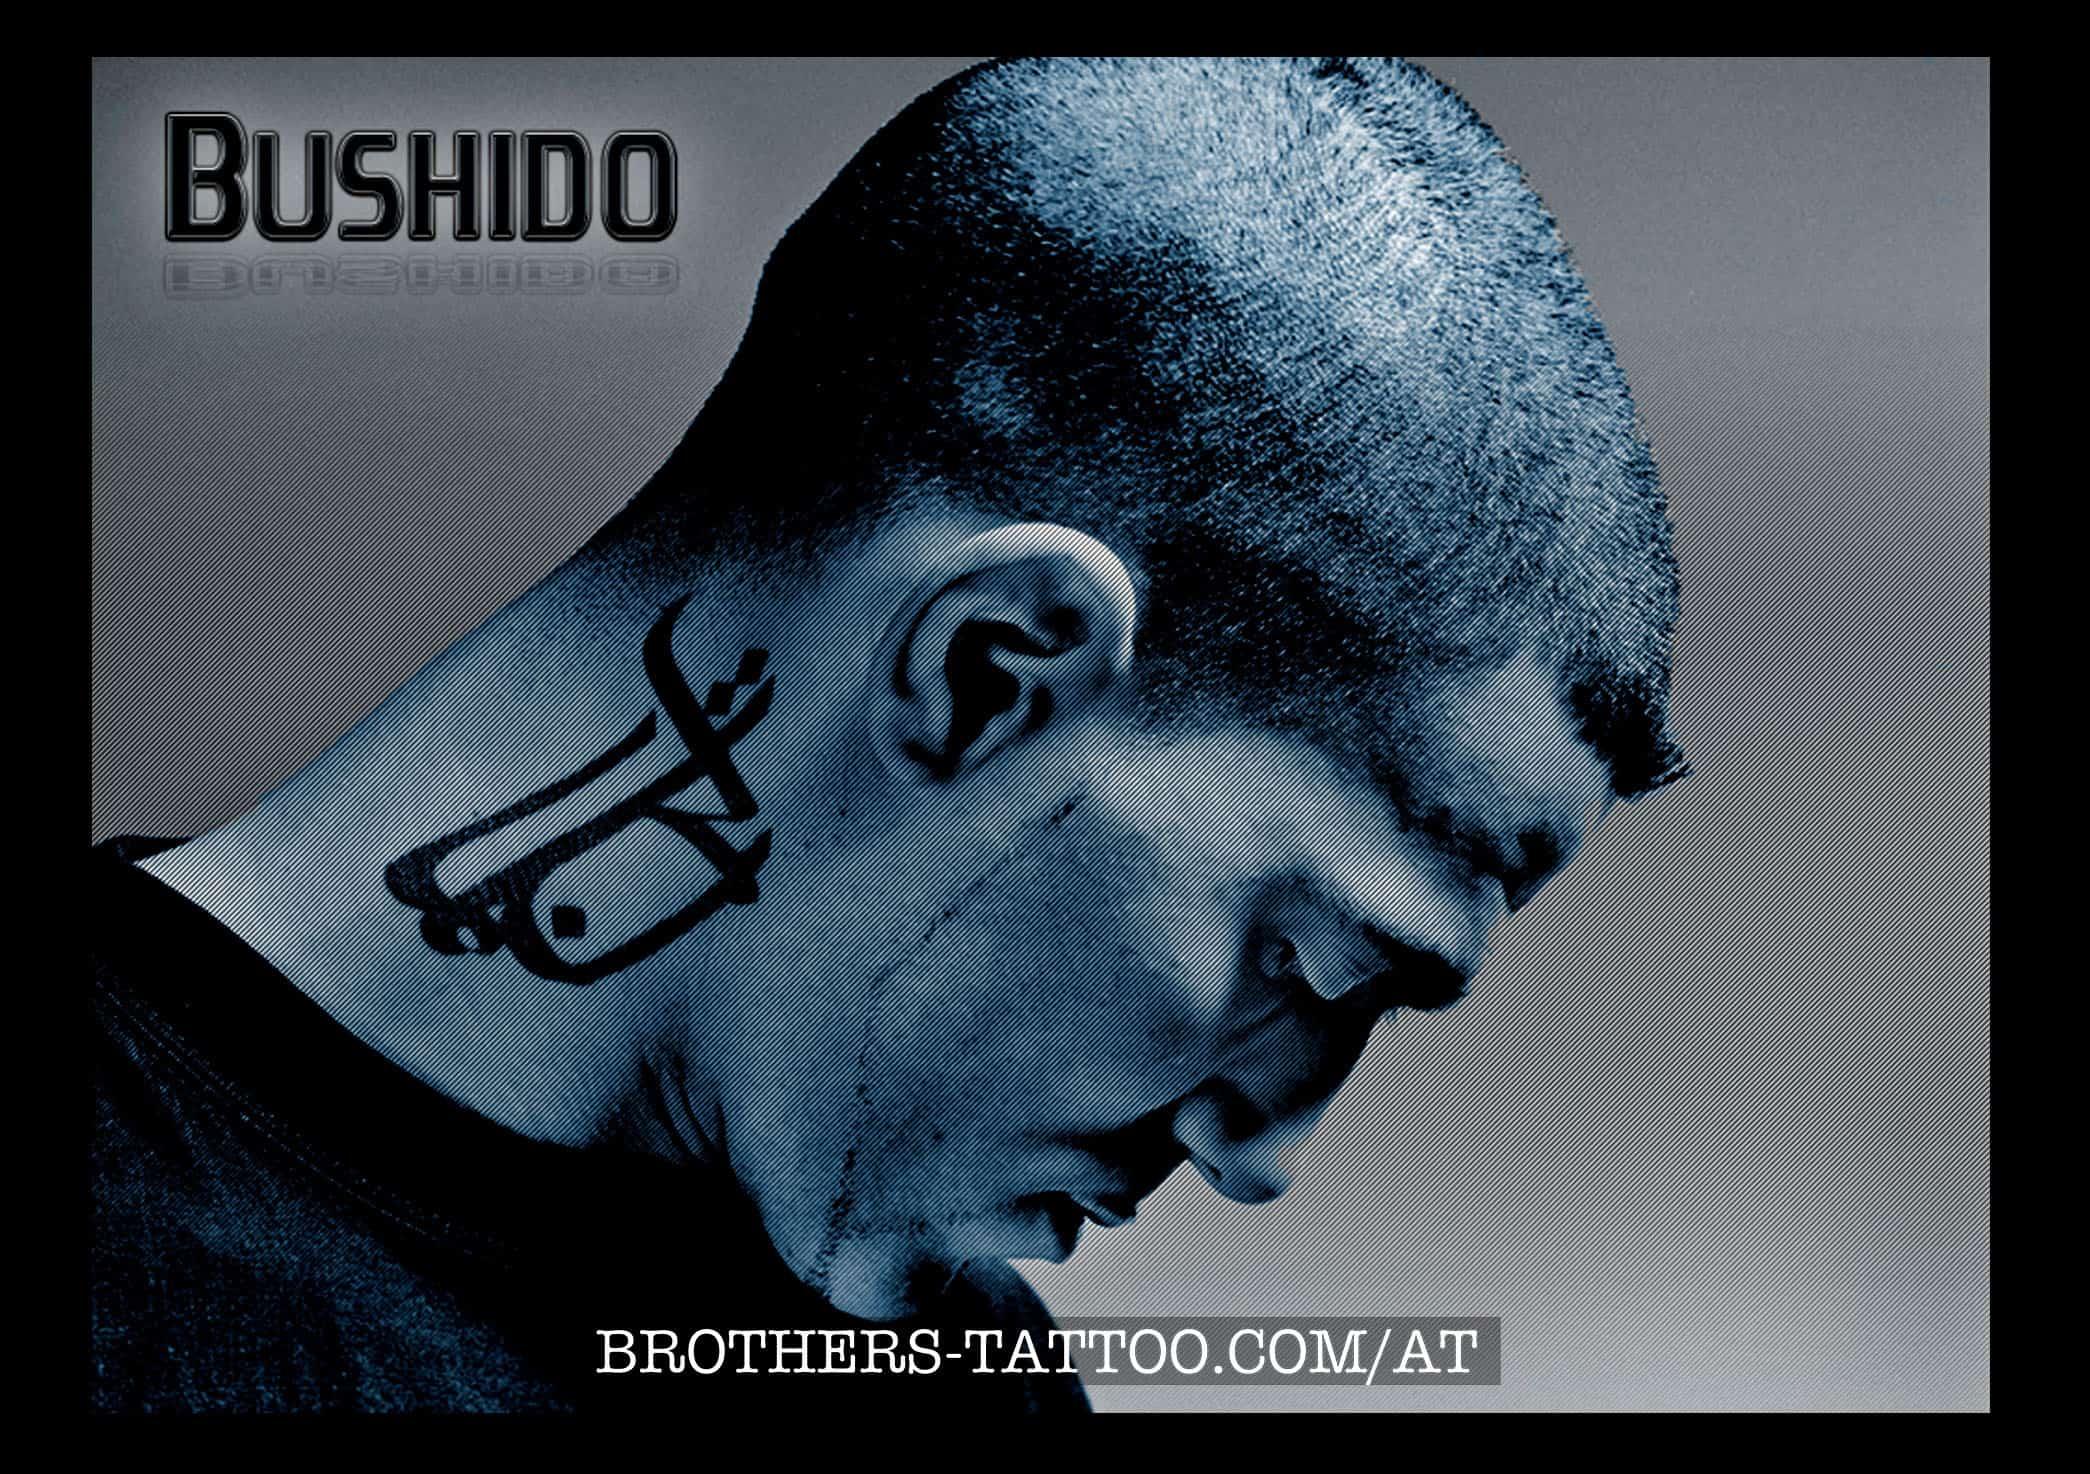 Bushidos Tattoo am Hals (Schriftzeichen Arabisch)